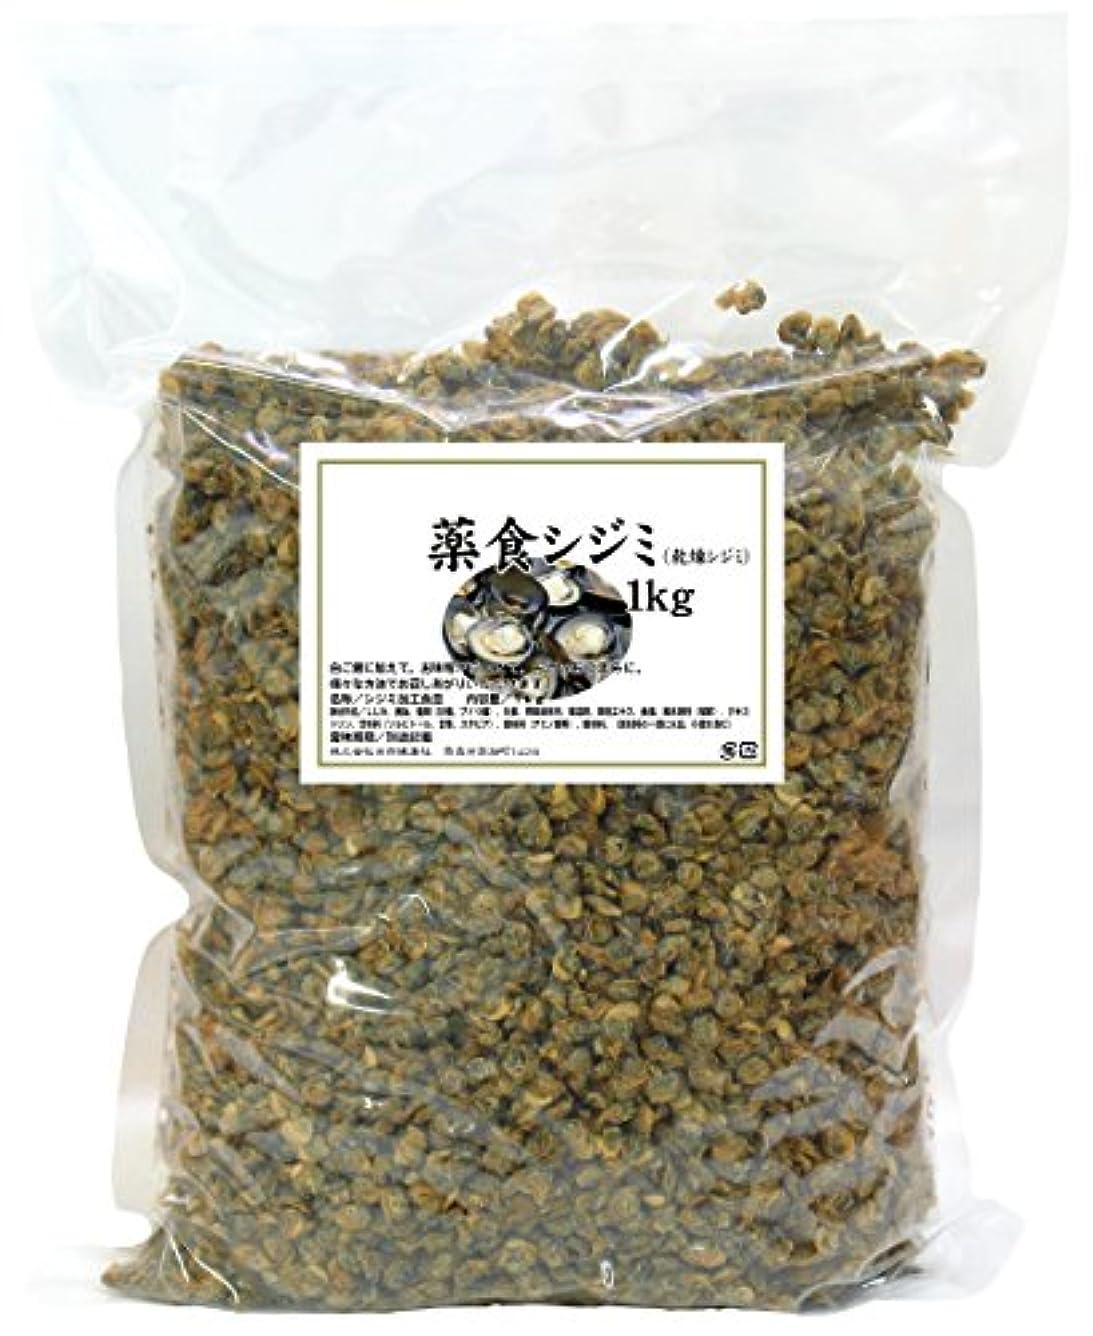 疑わしいボア勇気乾燥シジミ1kg タウリン オルニチン 自然食品